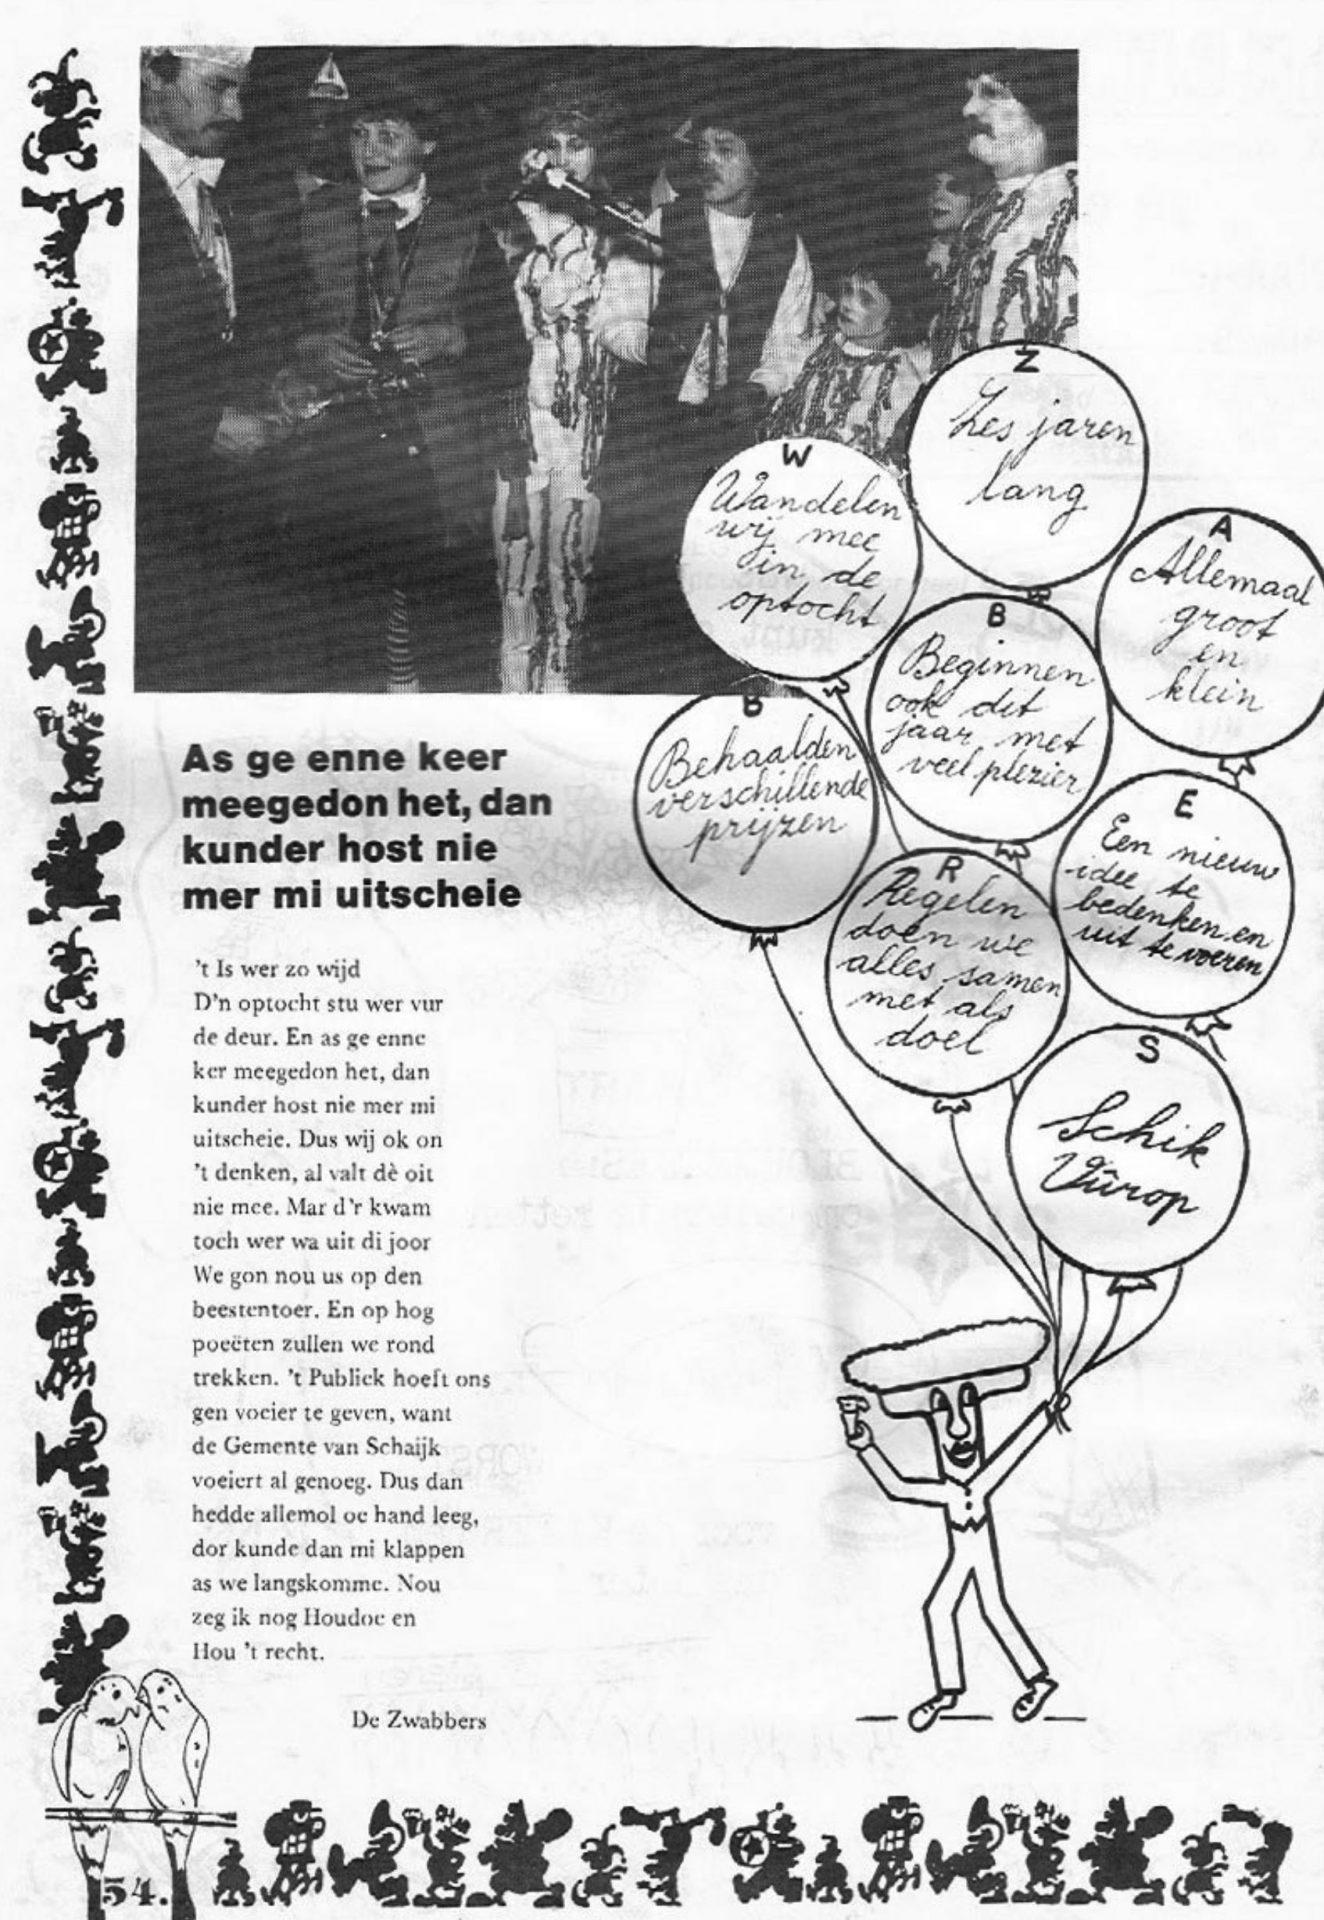 Stukje uit de carnavalskrant van de De Zwabbers - 1984